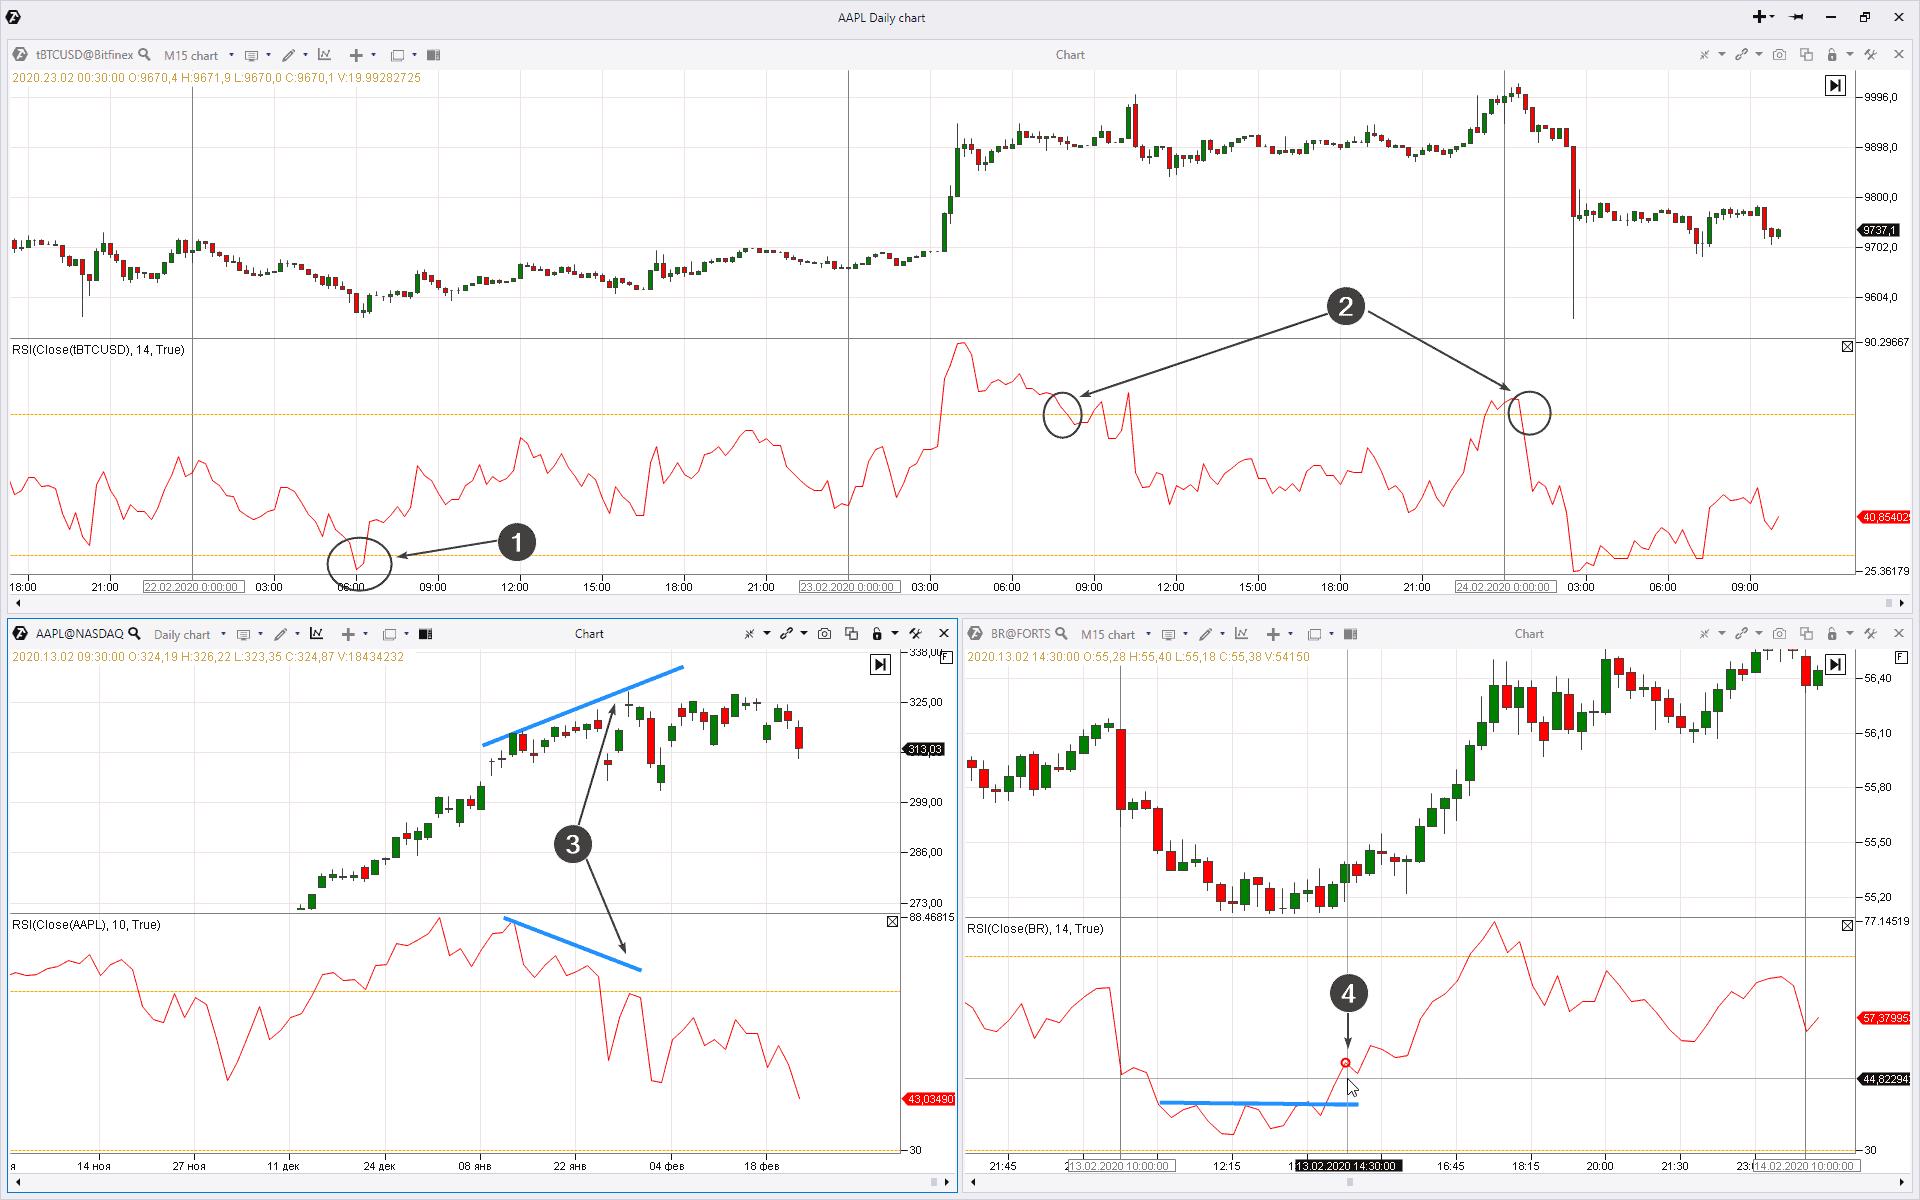 Сигналы индикатора RSI